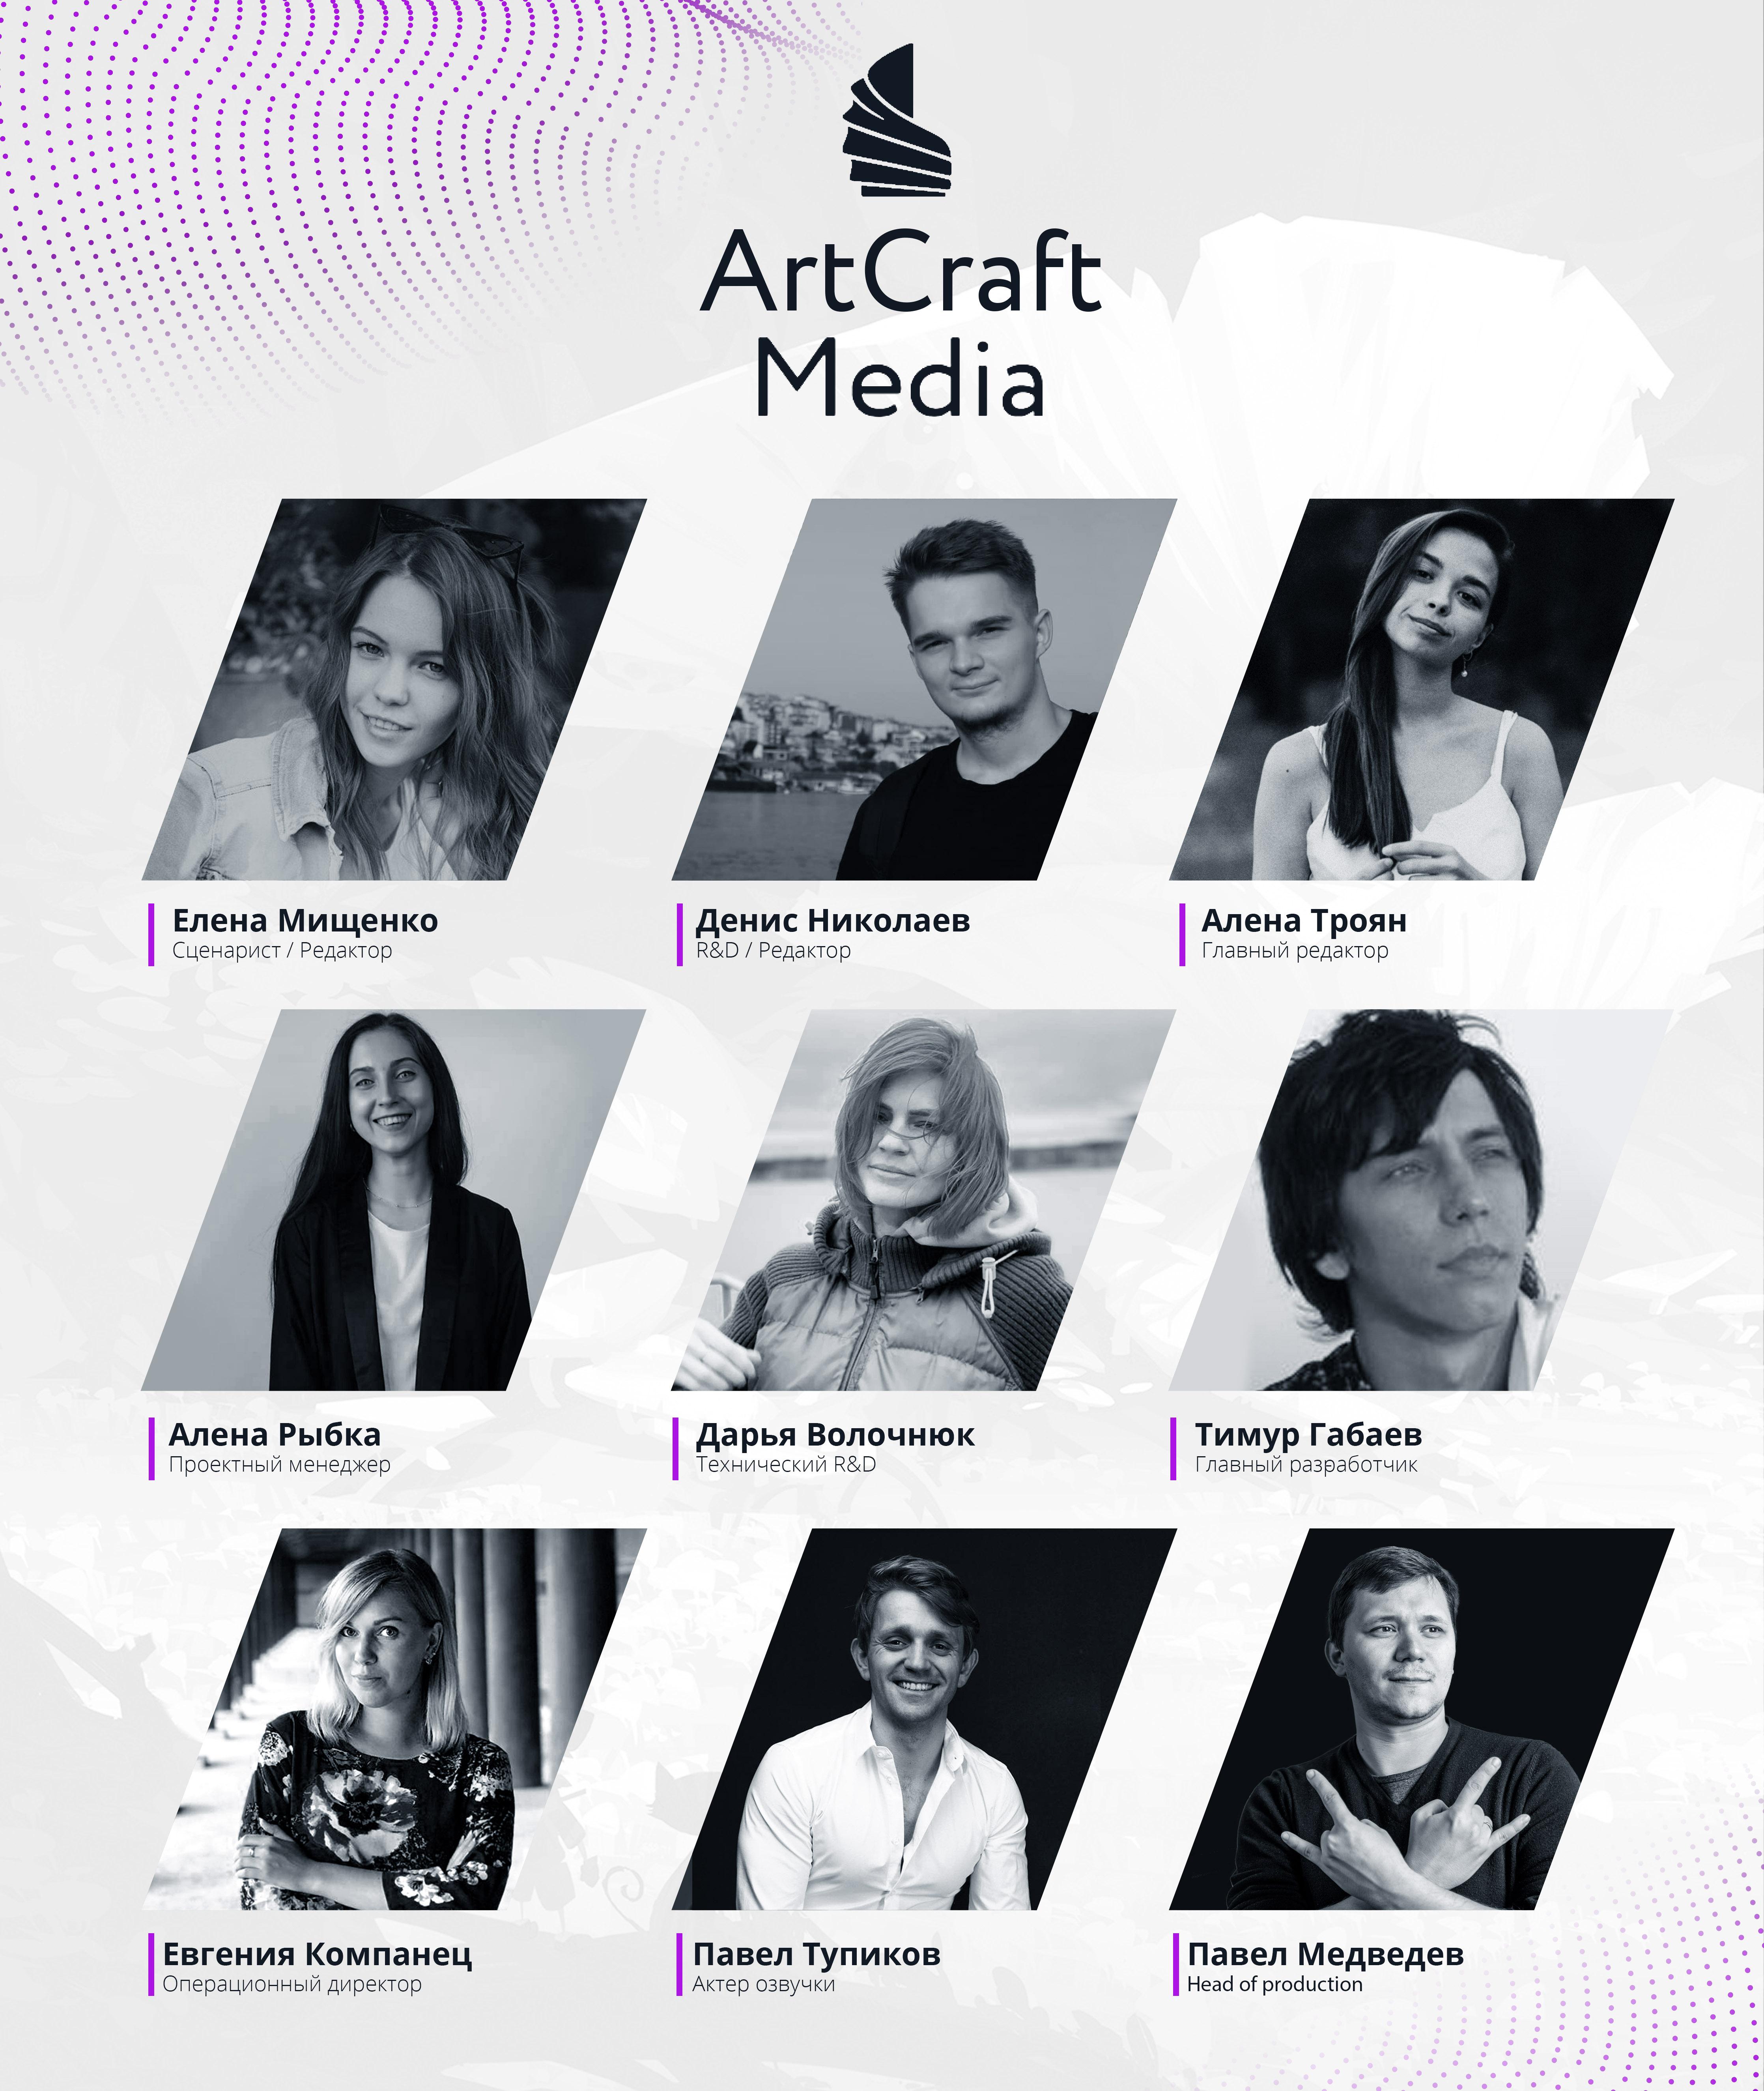 Команда ArtCraft Media